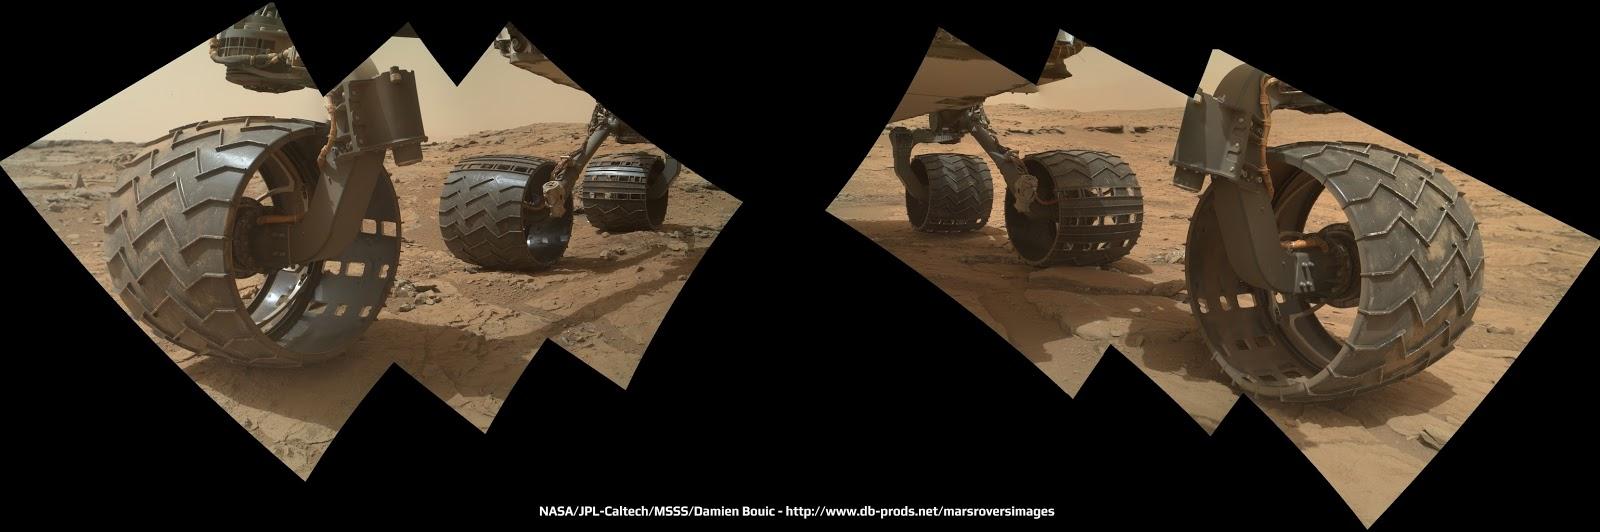 Seguimiento del Curiosity en Marte - Página 4 Sol177_MAHLI_2